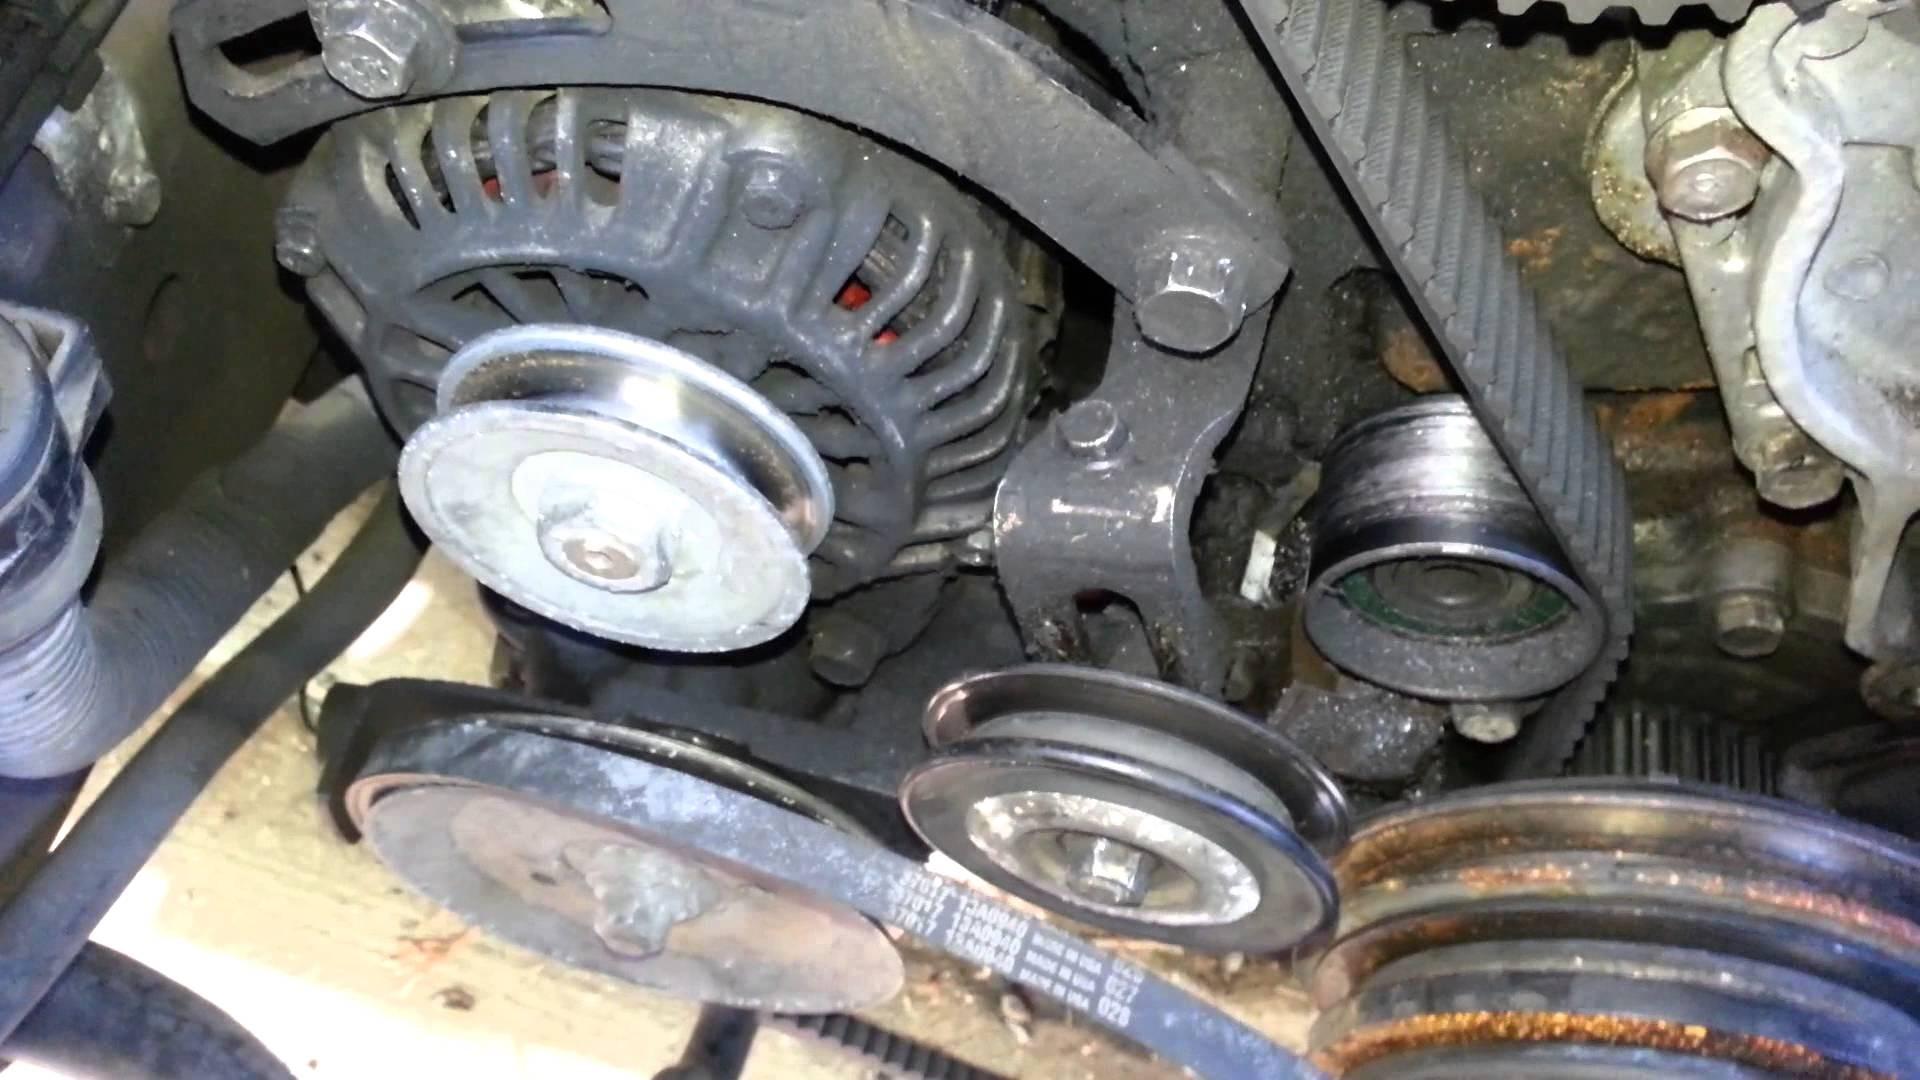 Mazda Mpv 2001 Engine Diagram Mazda Mpv 1996 Car with Engine Code P1345 Prt 1 Of Mazda Mpv 2001 Engine Diagram